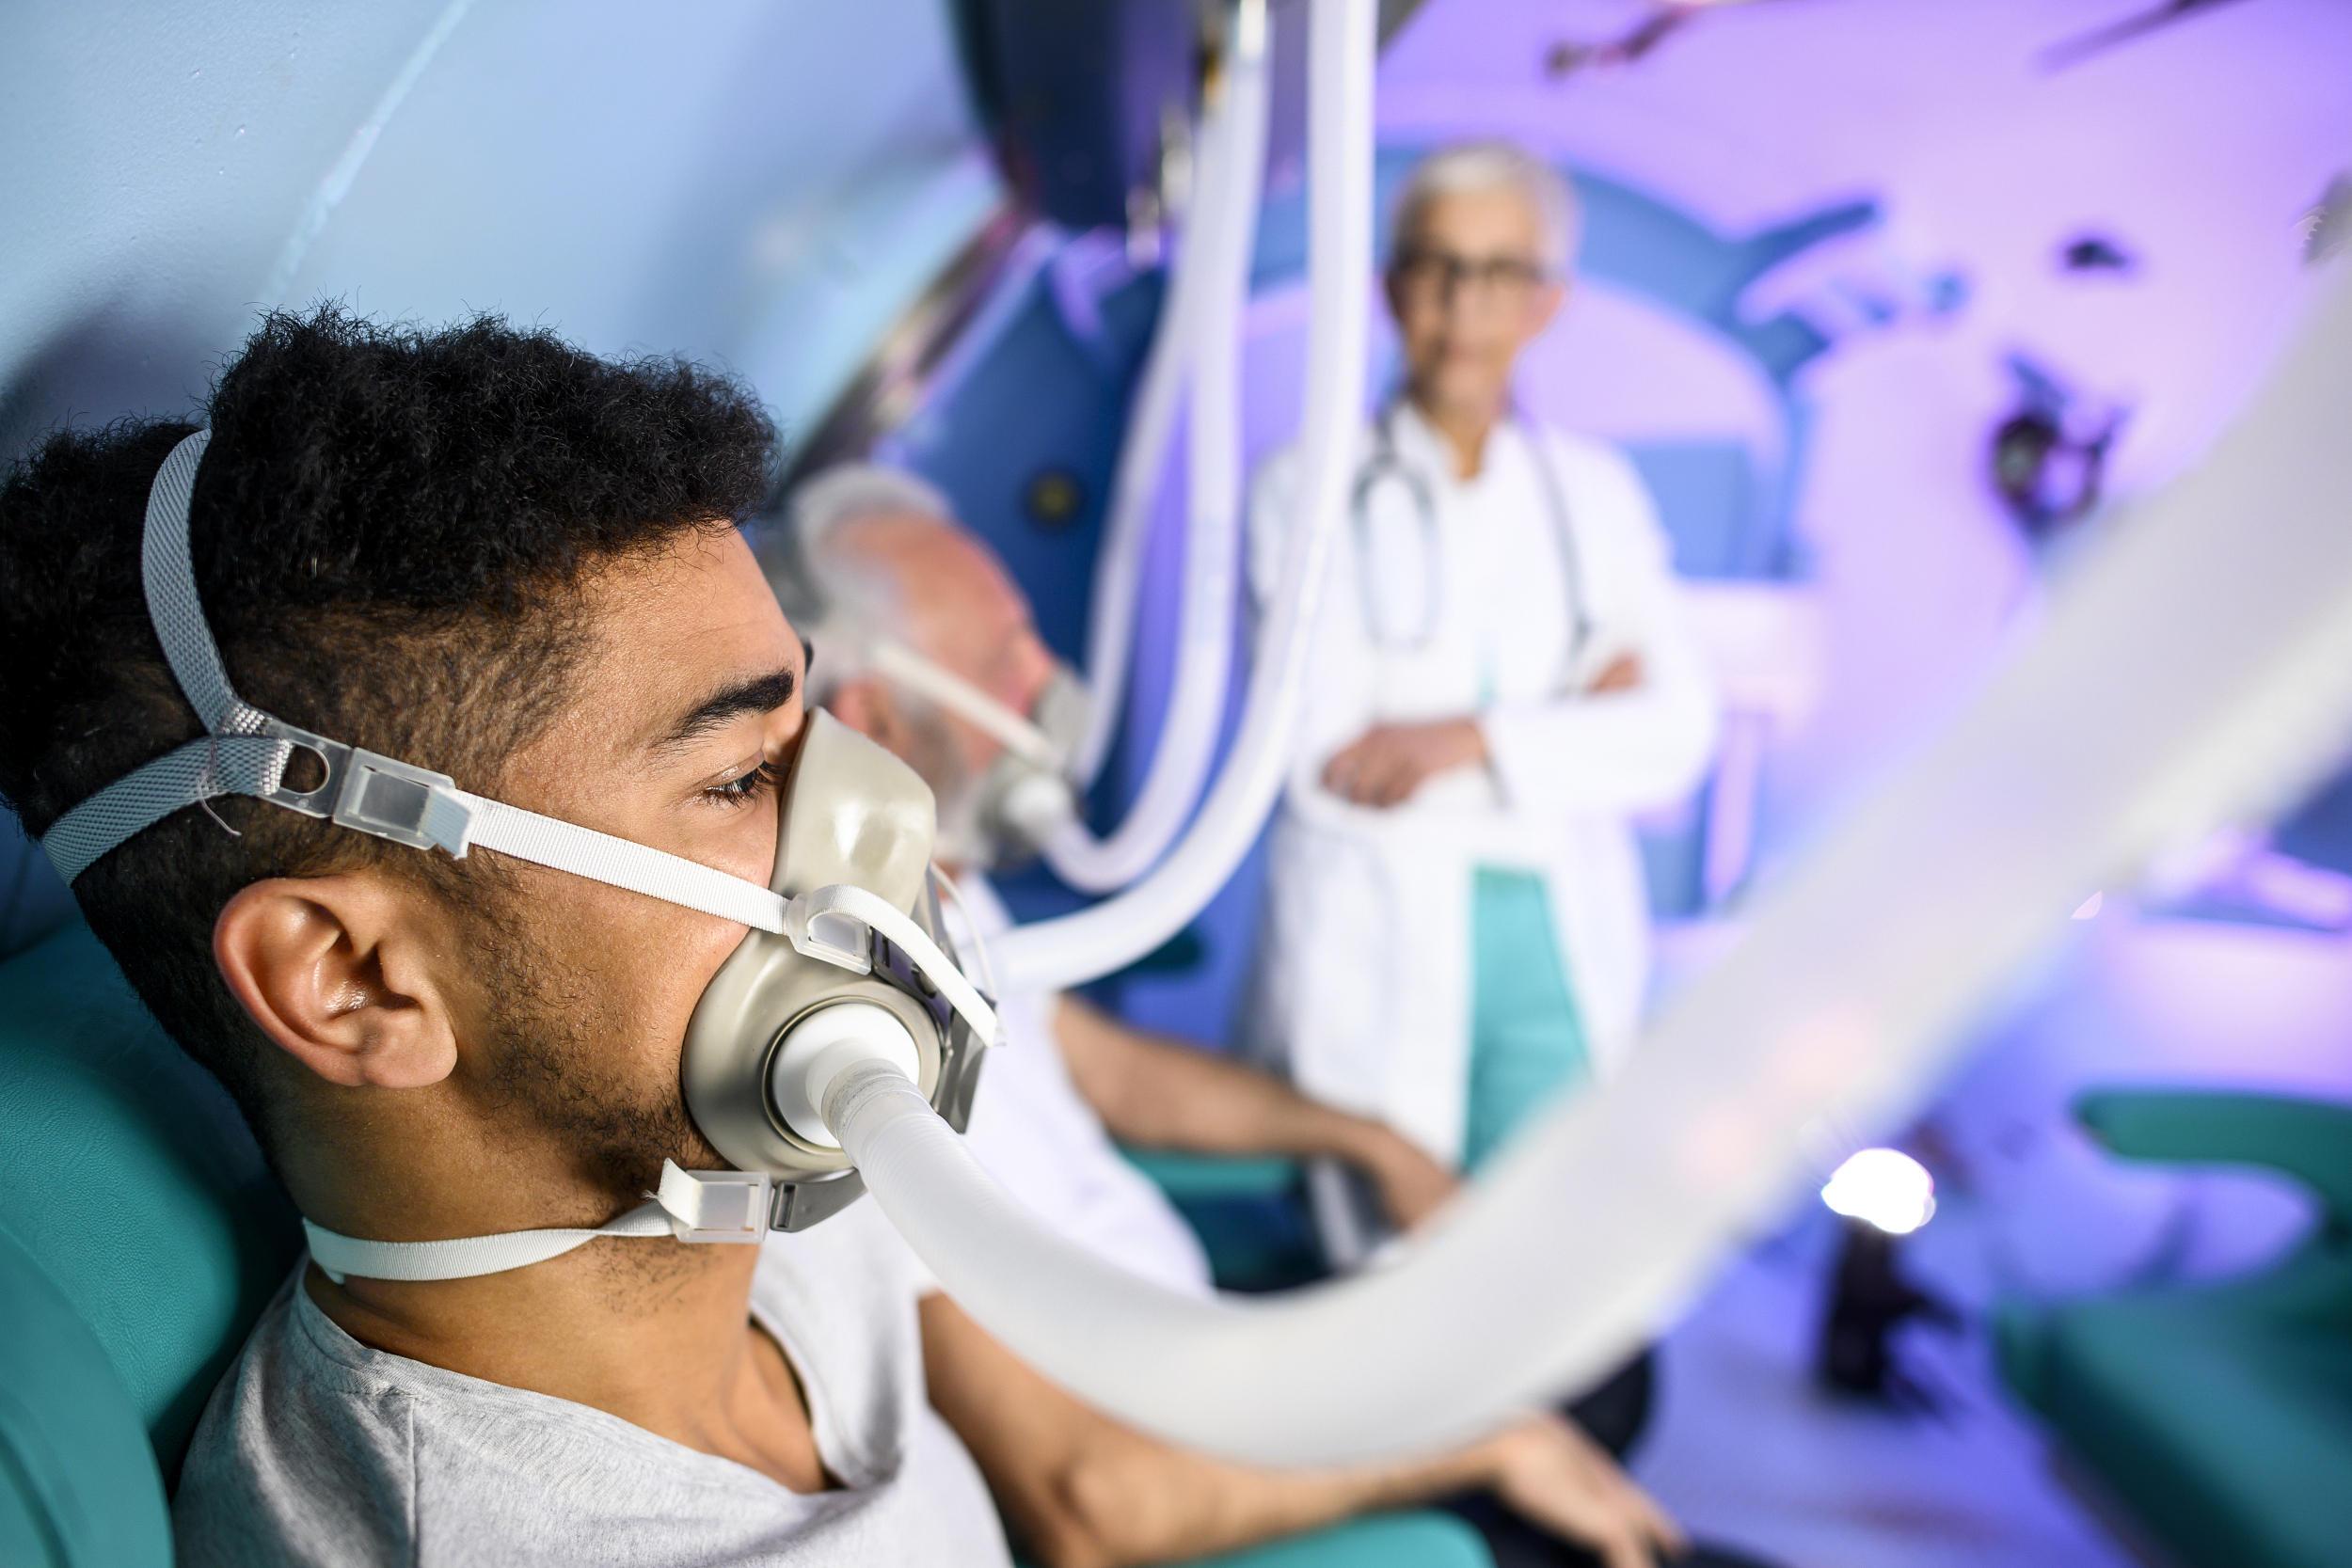 后疫情时代「呼吸机」抢购潮褪去,行业何去何从?